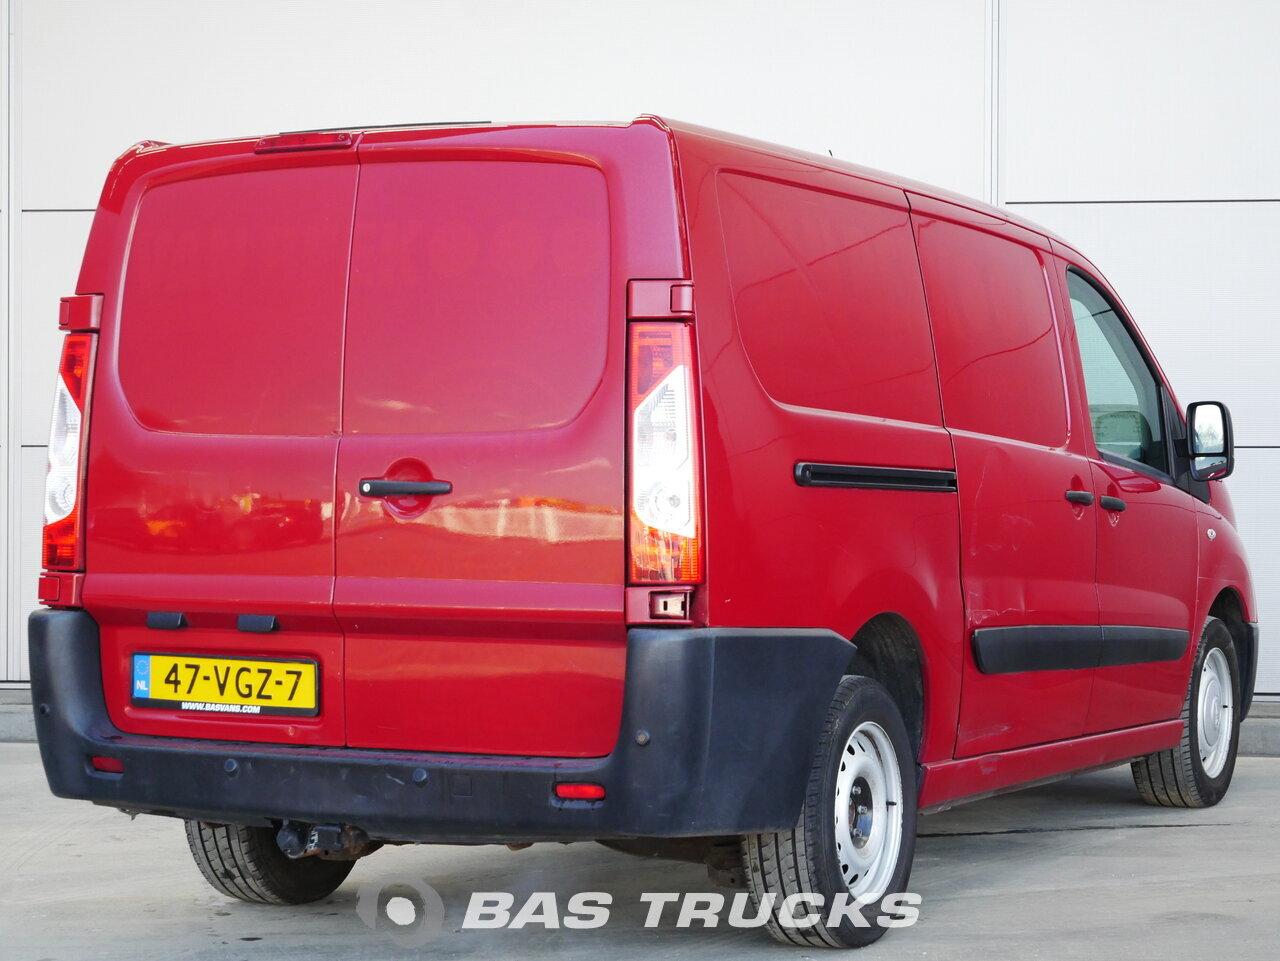 Wspaniały Fiat Scudo Samochód dostawczy Euro 5 €3900 - BAS Trucks MH68